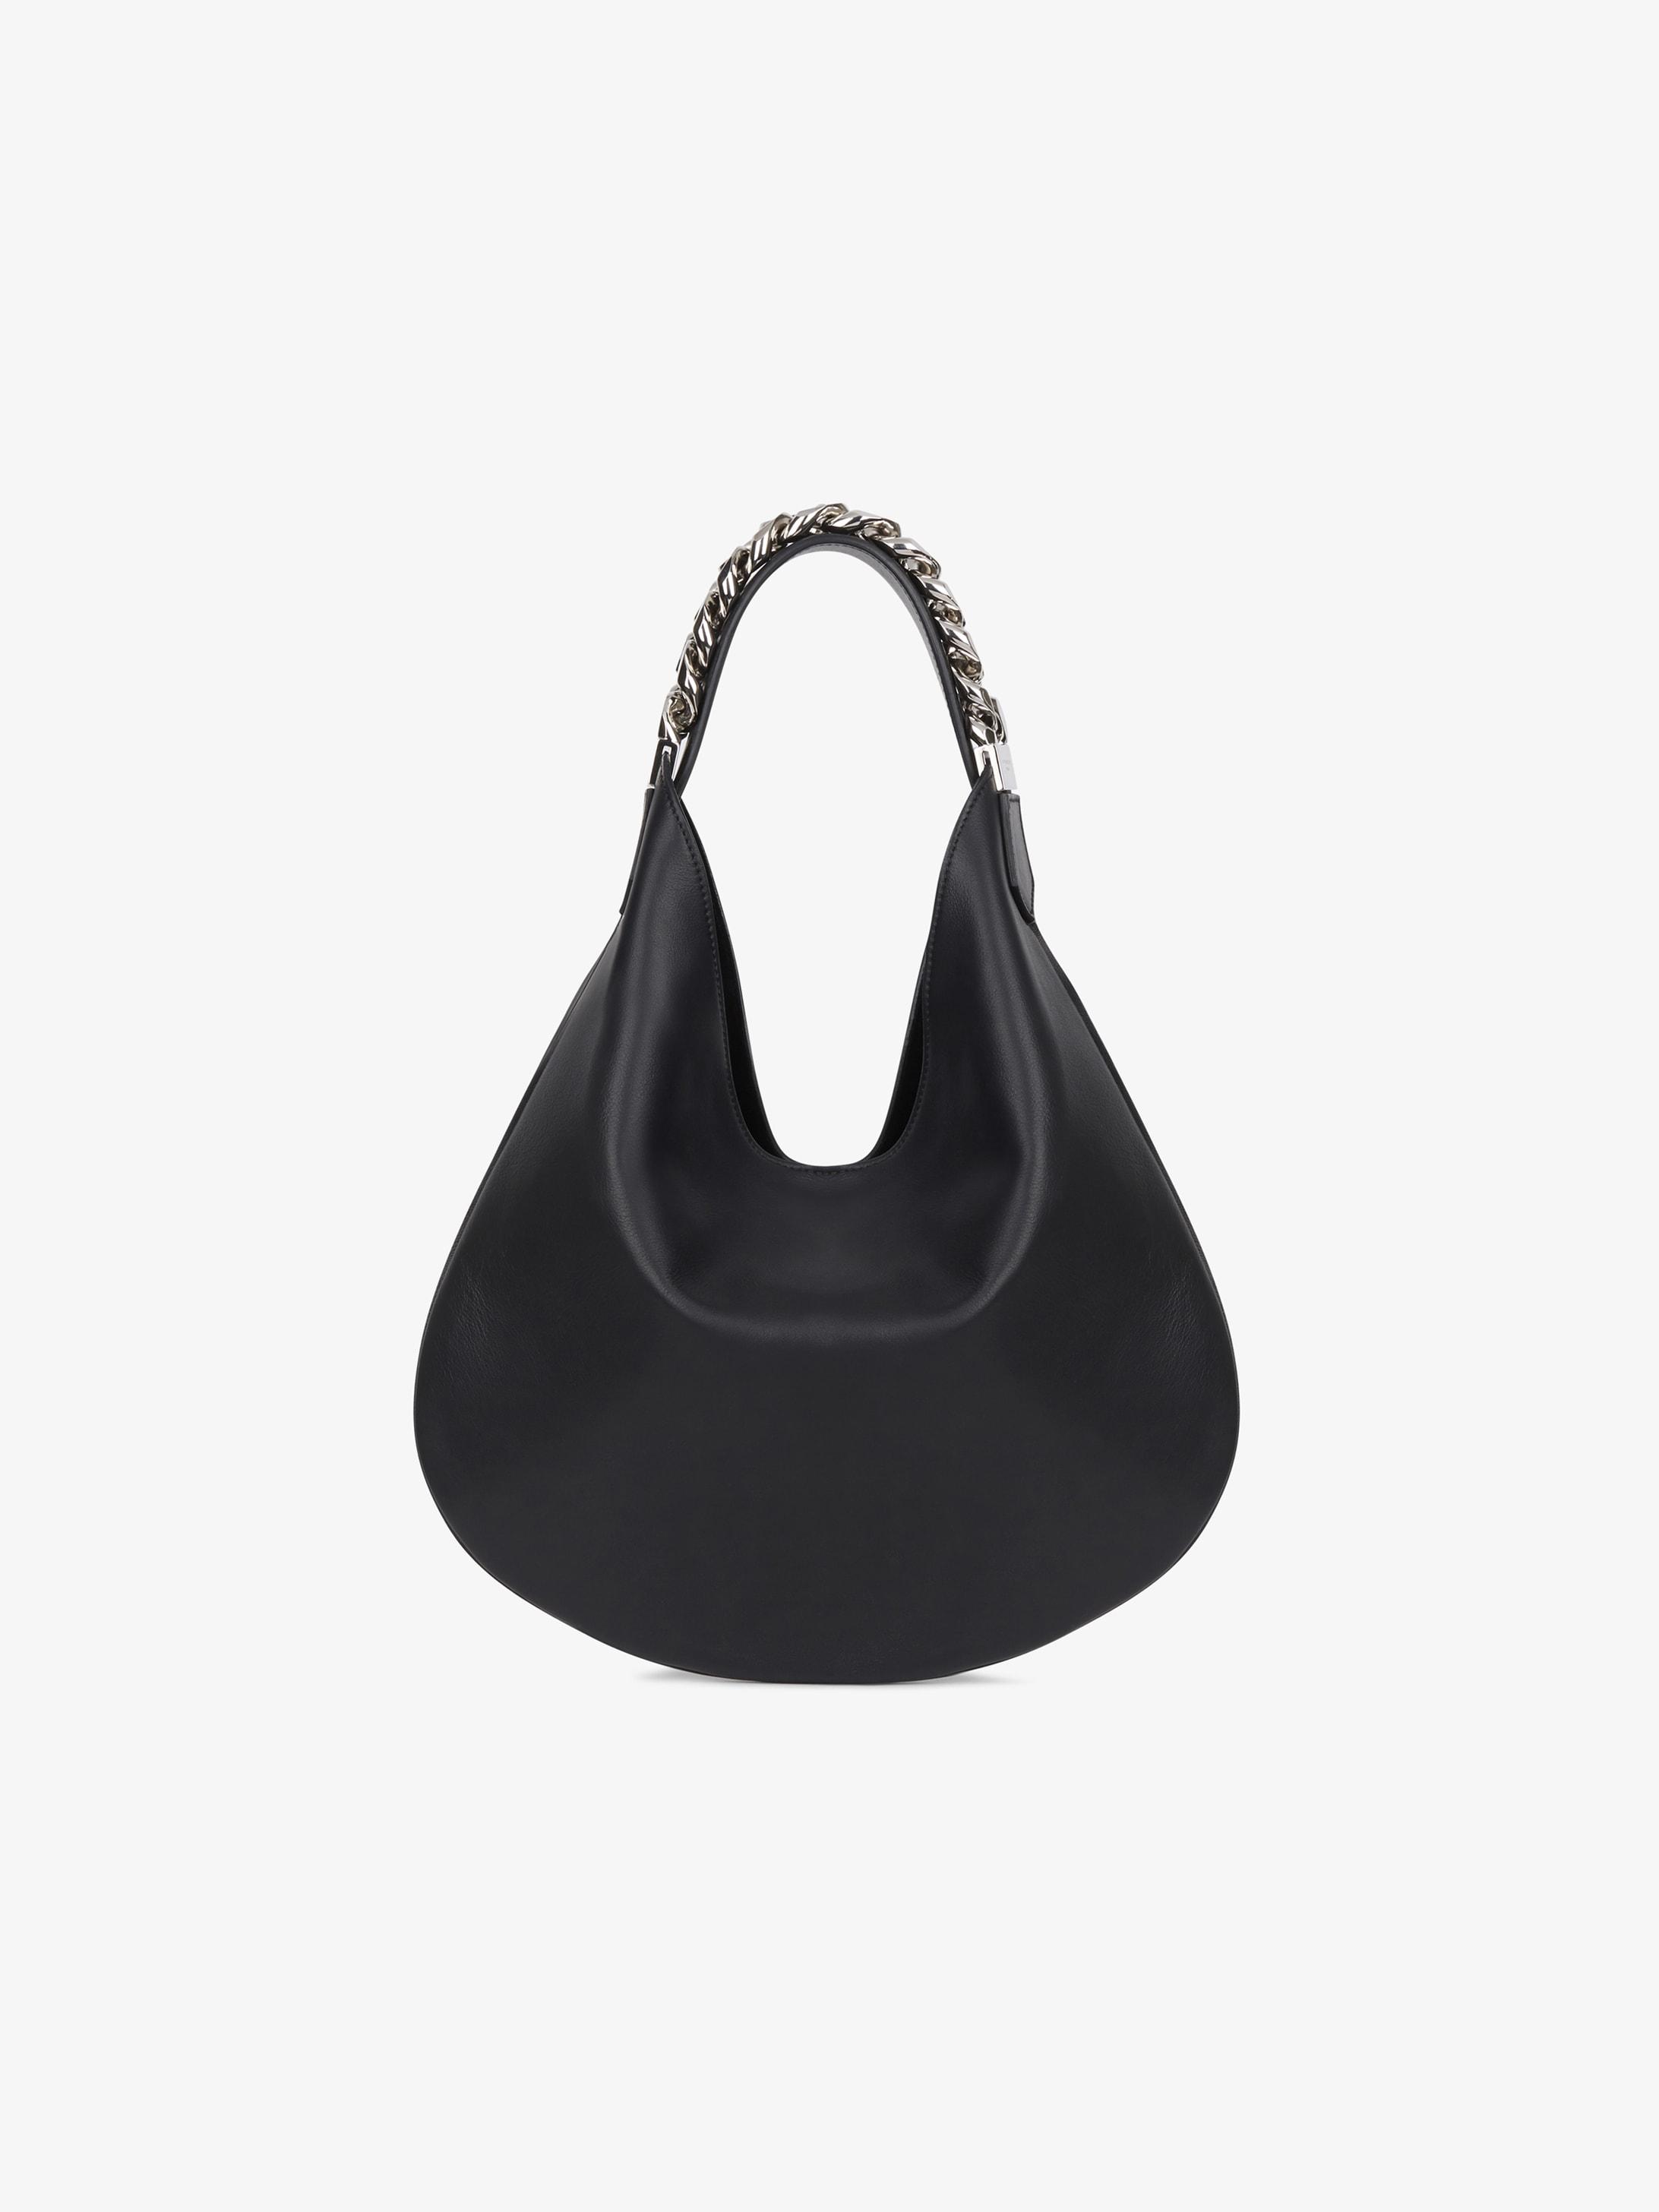 881232b309 Givenchy Infinity hobo small bag